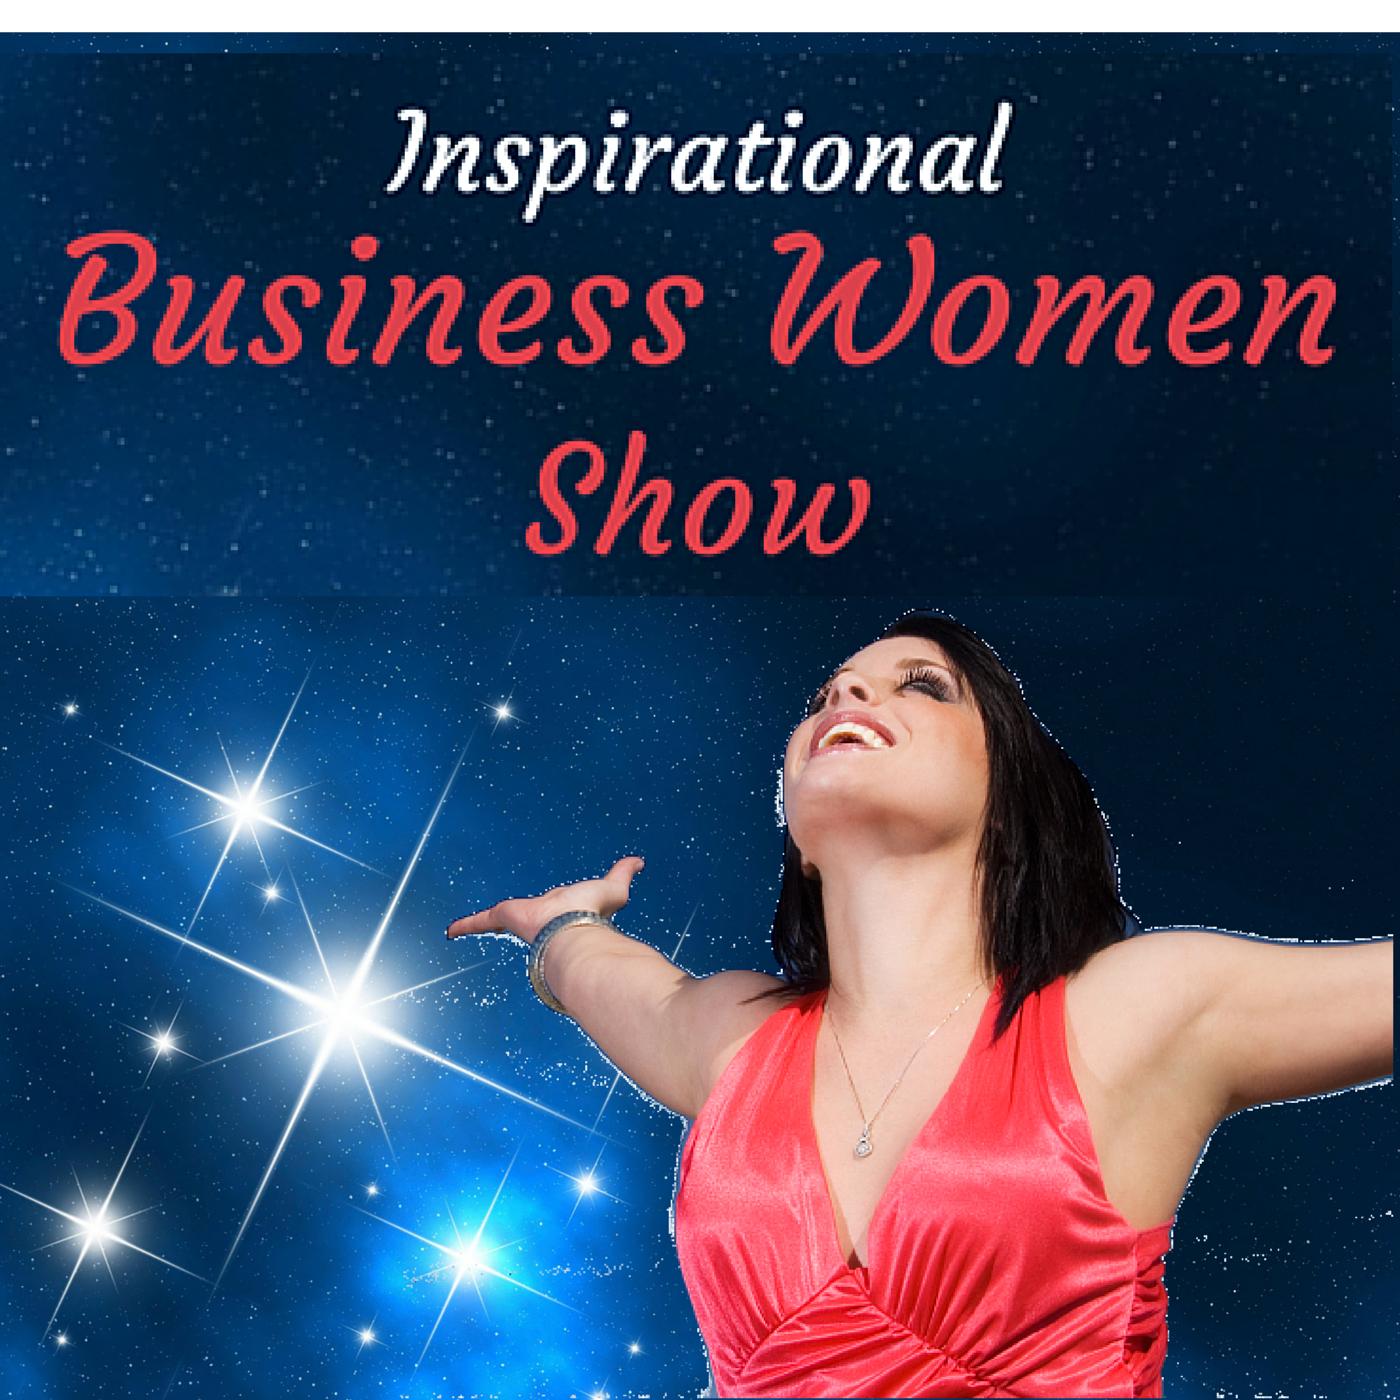 <![CDATA[Inspirational Business Women Show]]>